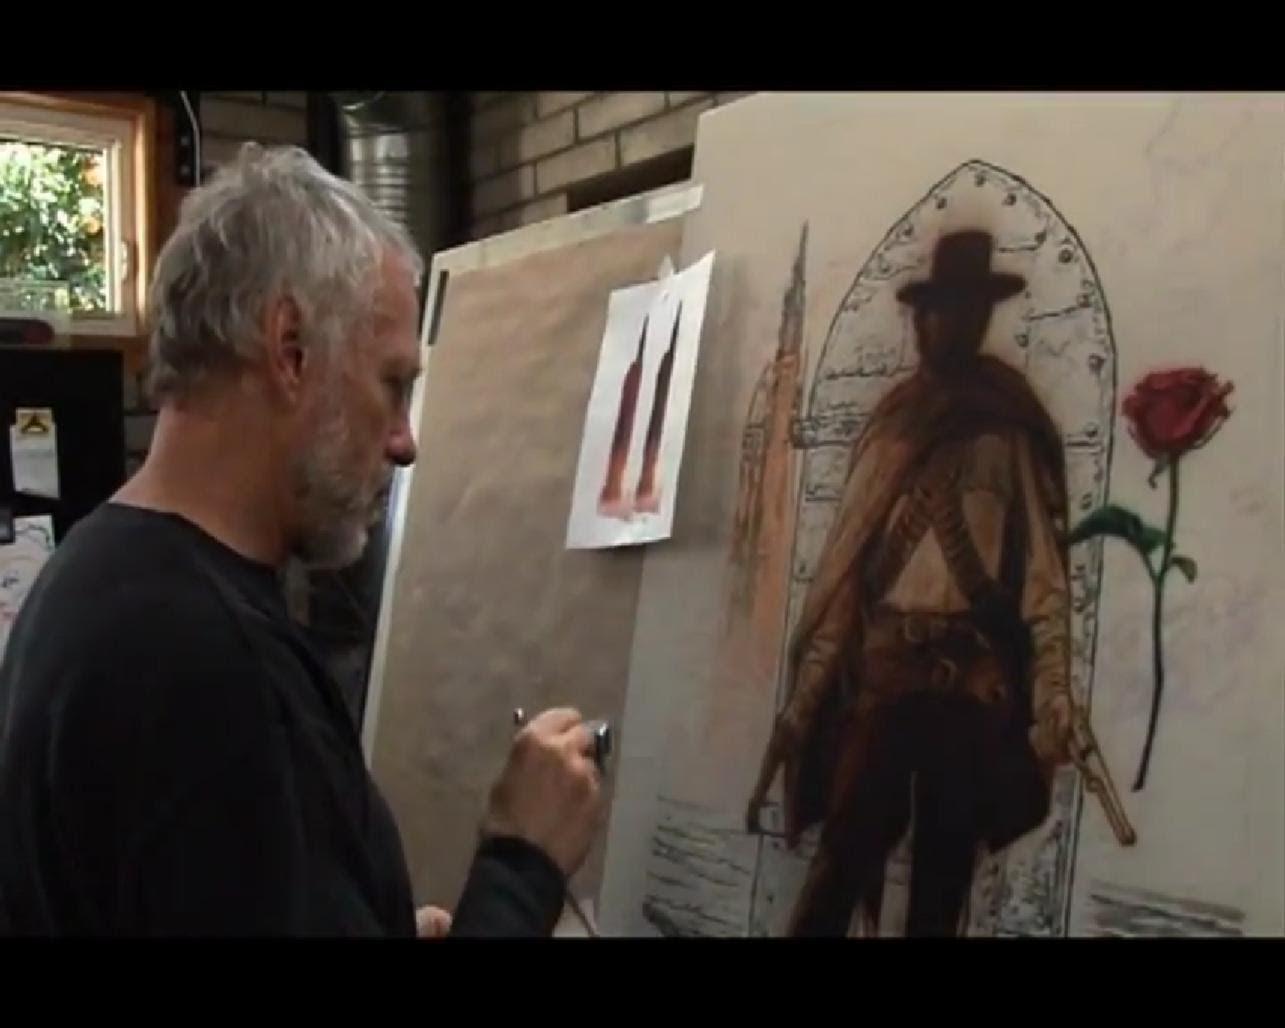 「ダーク・タワー」のポスターを描くドリュー・ストラザン